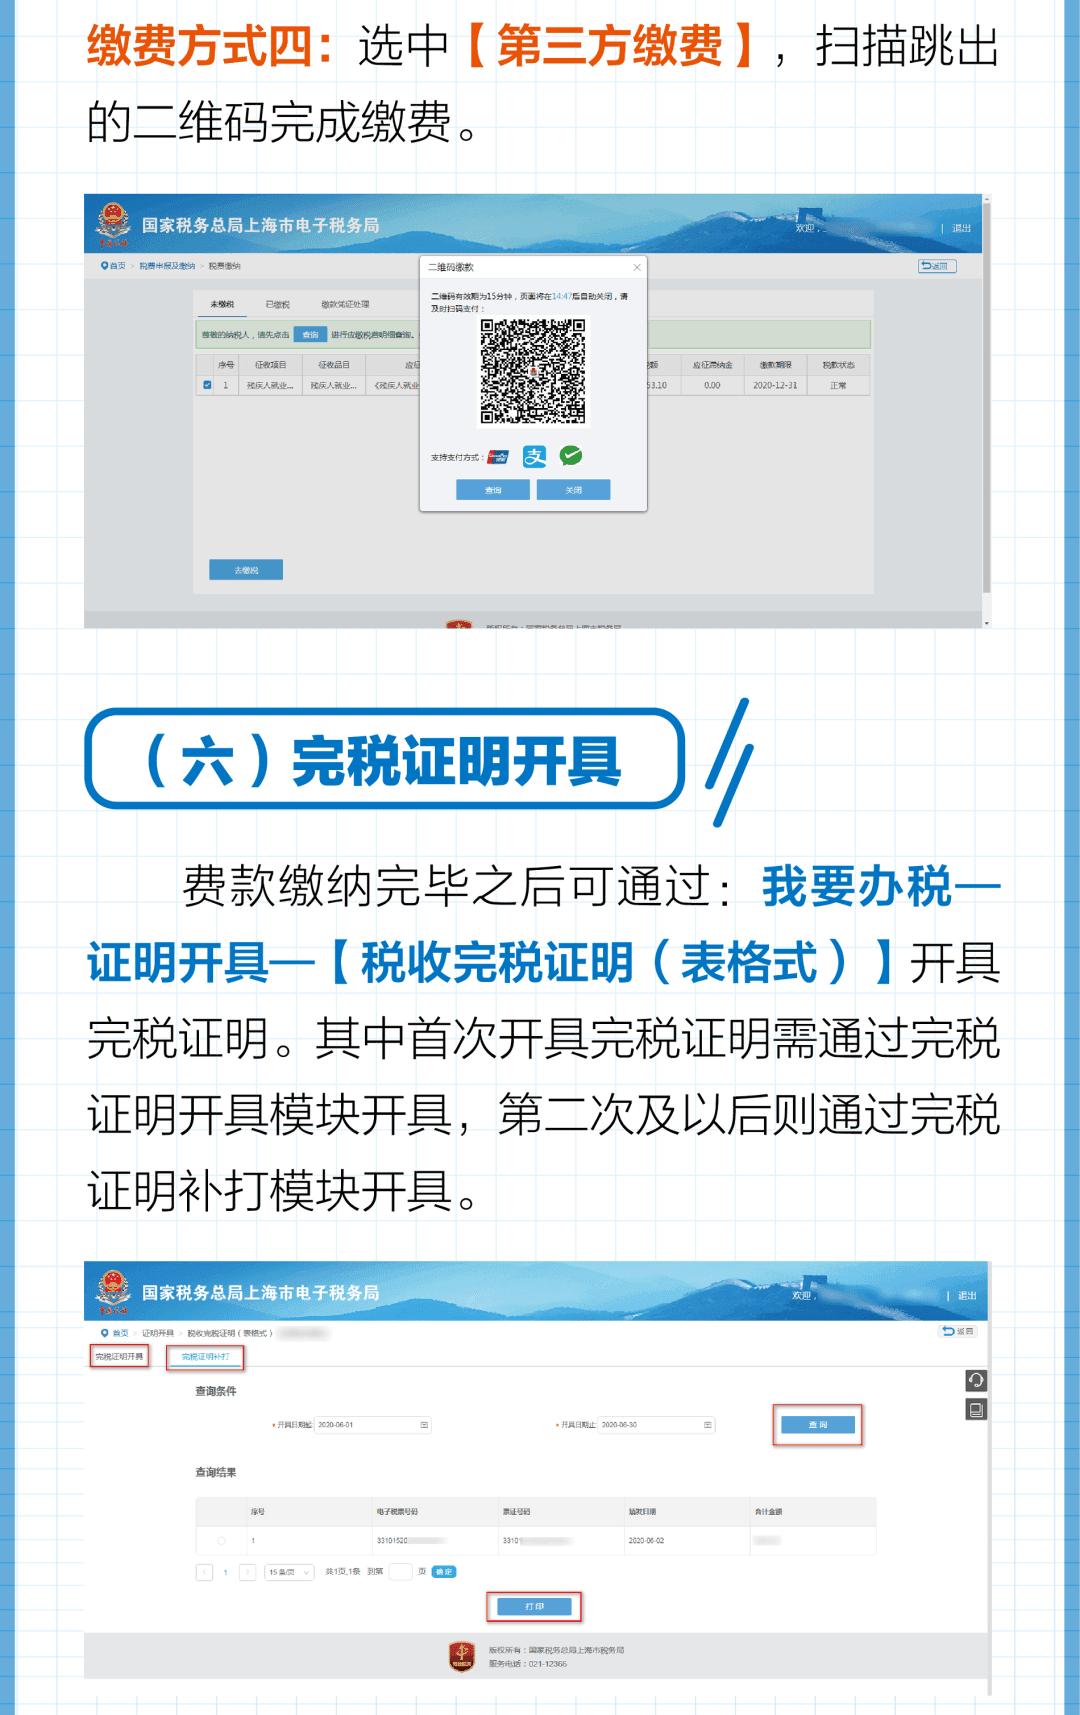 2020年上海残疾人就业保障金开始申报缴费啦!【操作指南】带您一图读懂网上申报缴费全流程!插图(5)